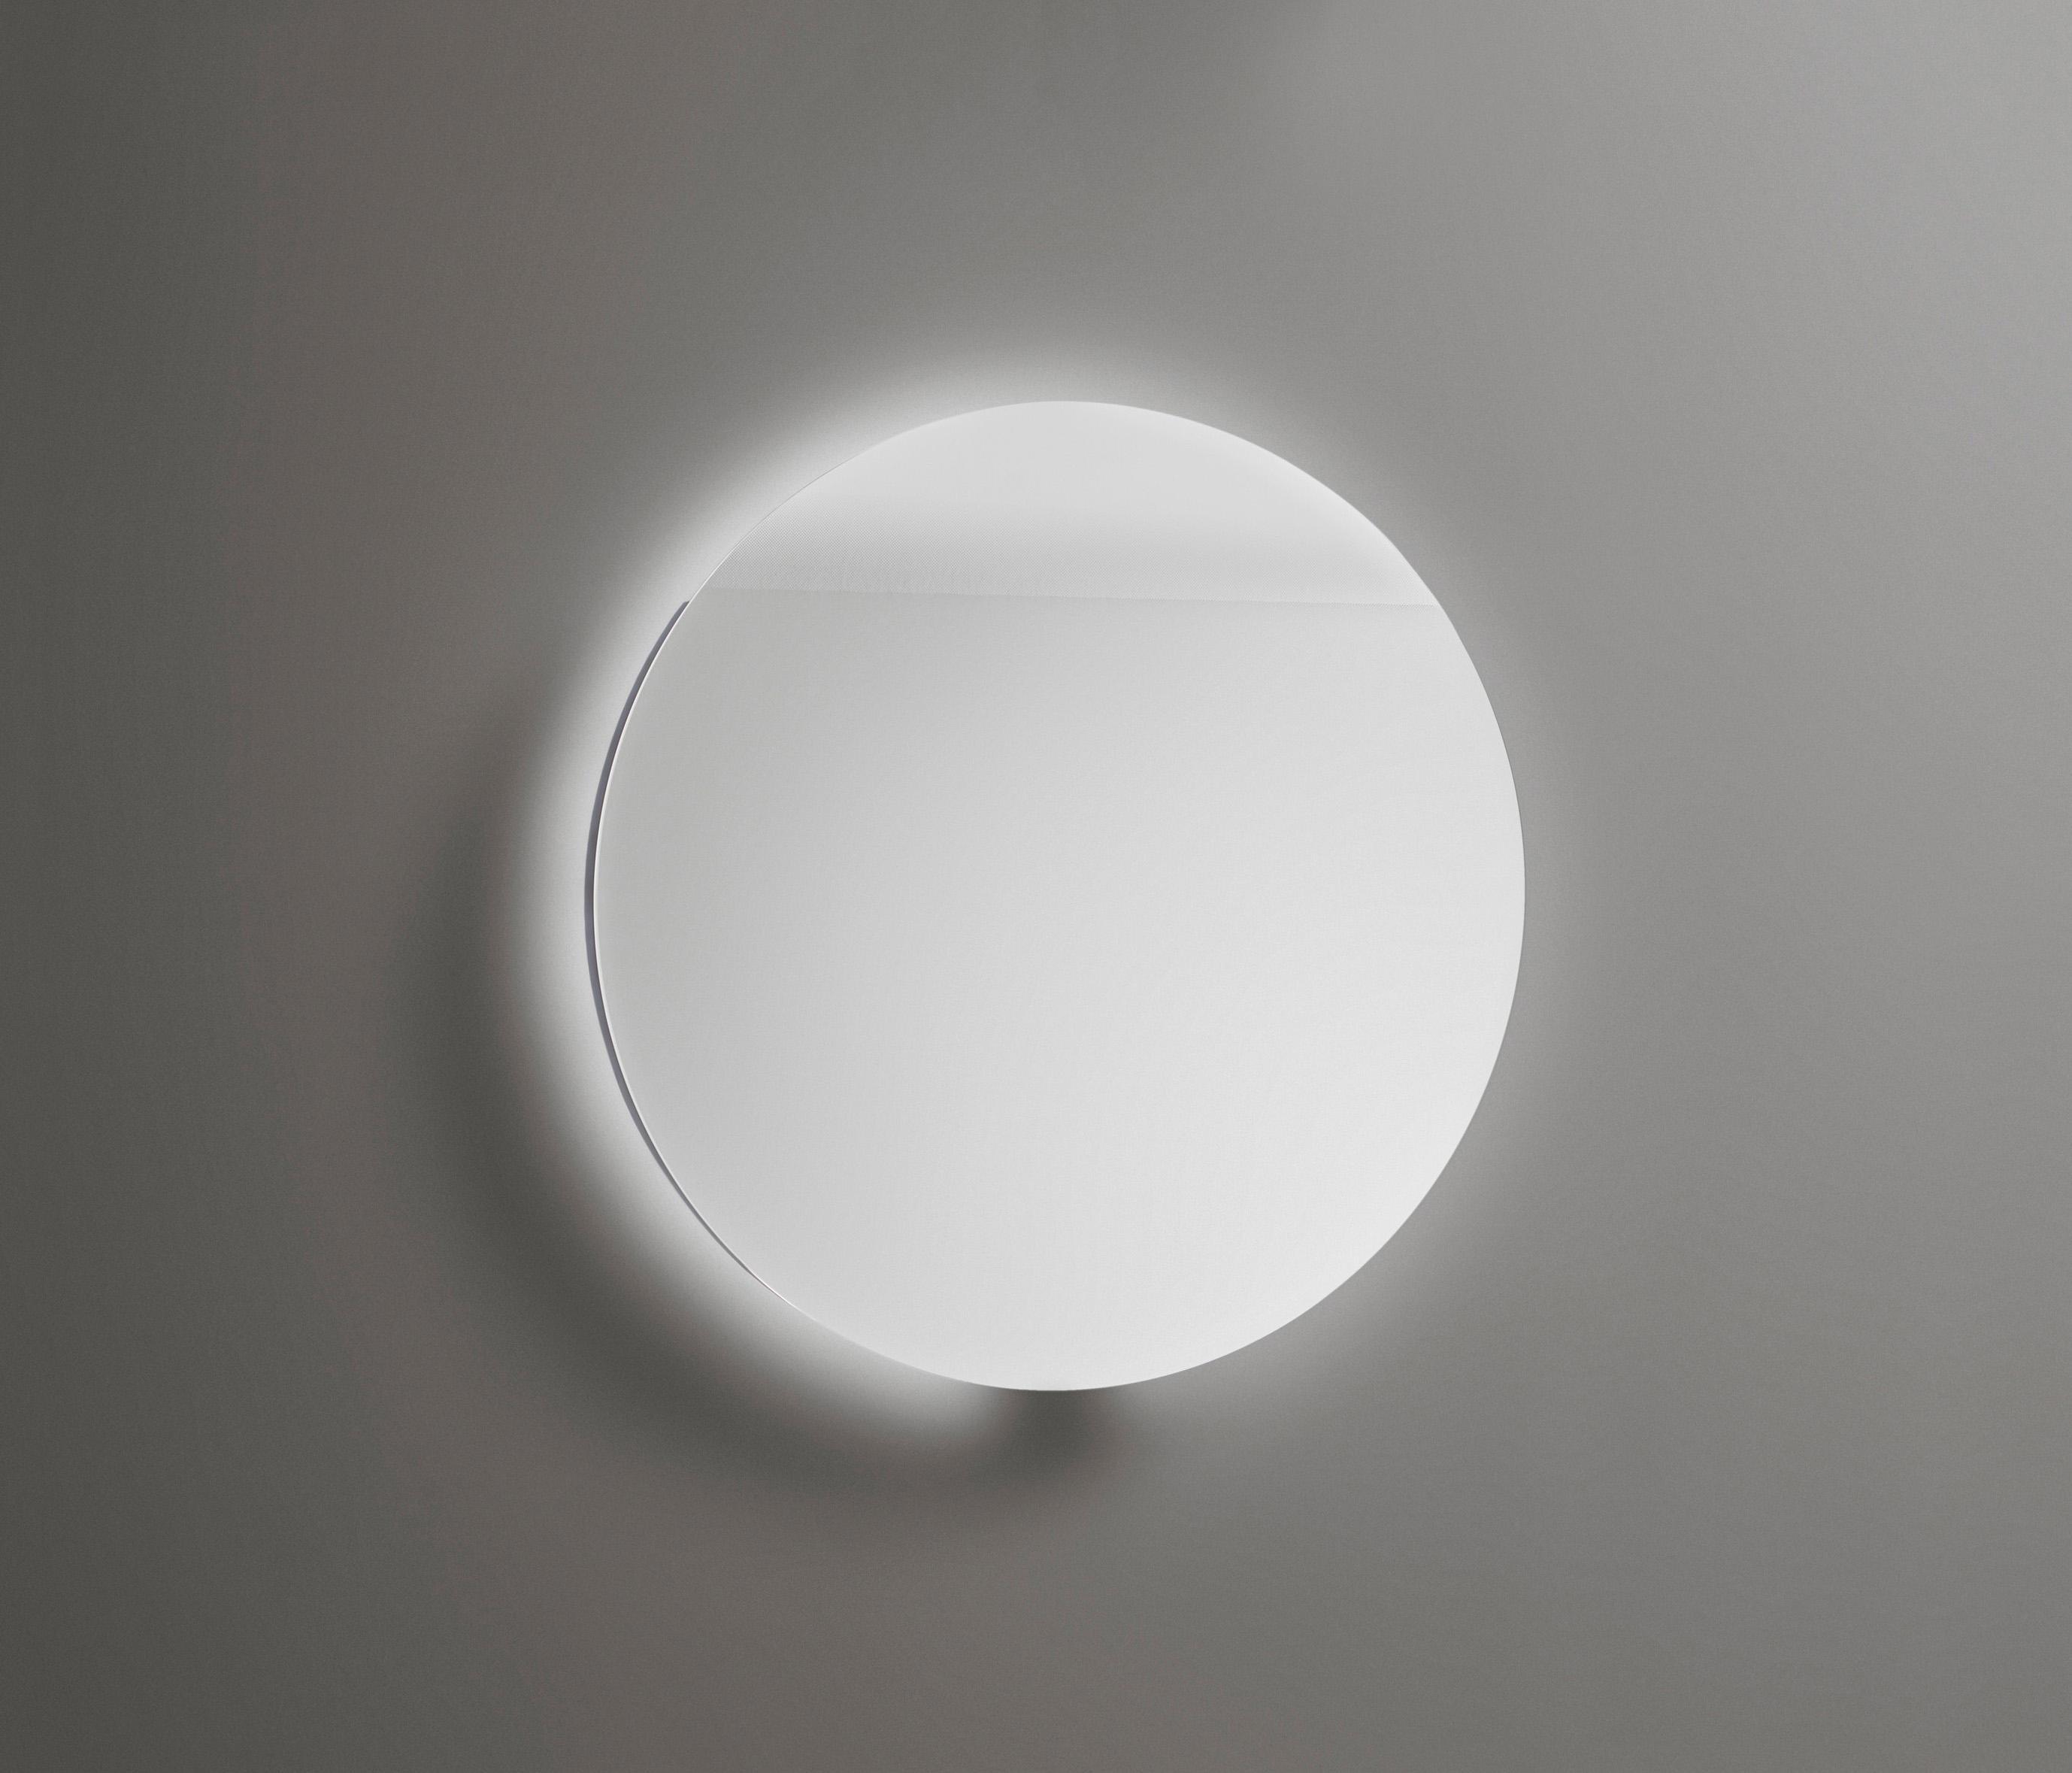 coco miroir avec contour avec clairage led et variateur de la temp rature de l 39 clairage. Black Bedroom Furniture Sets. Home Design Ideas